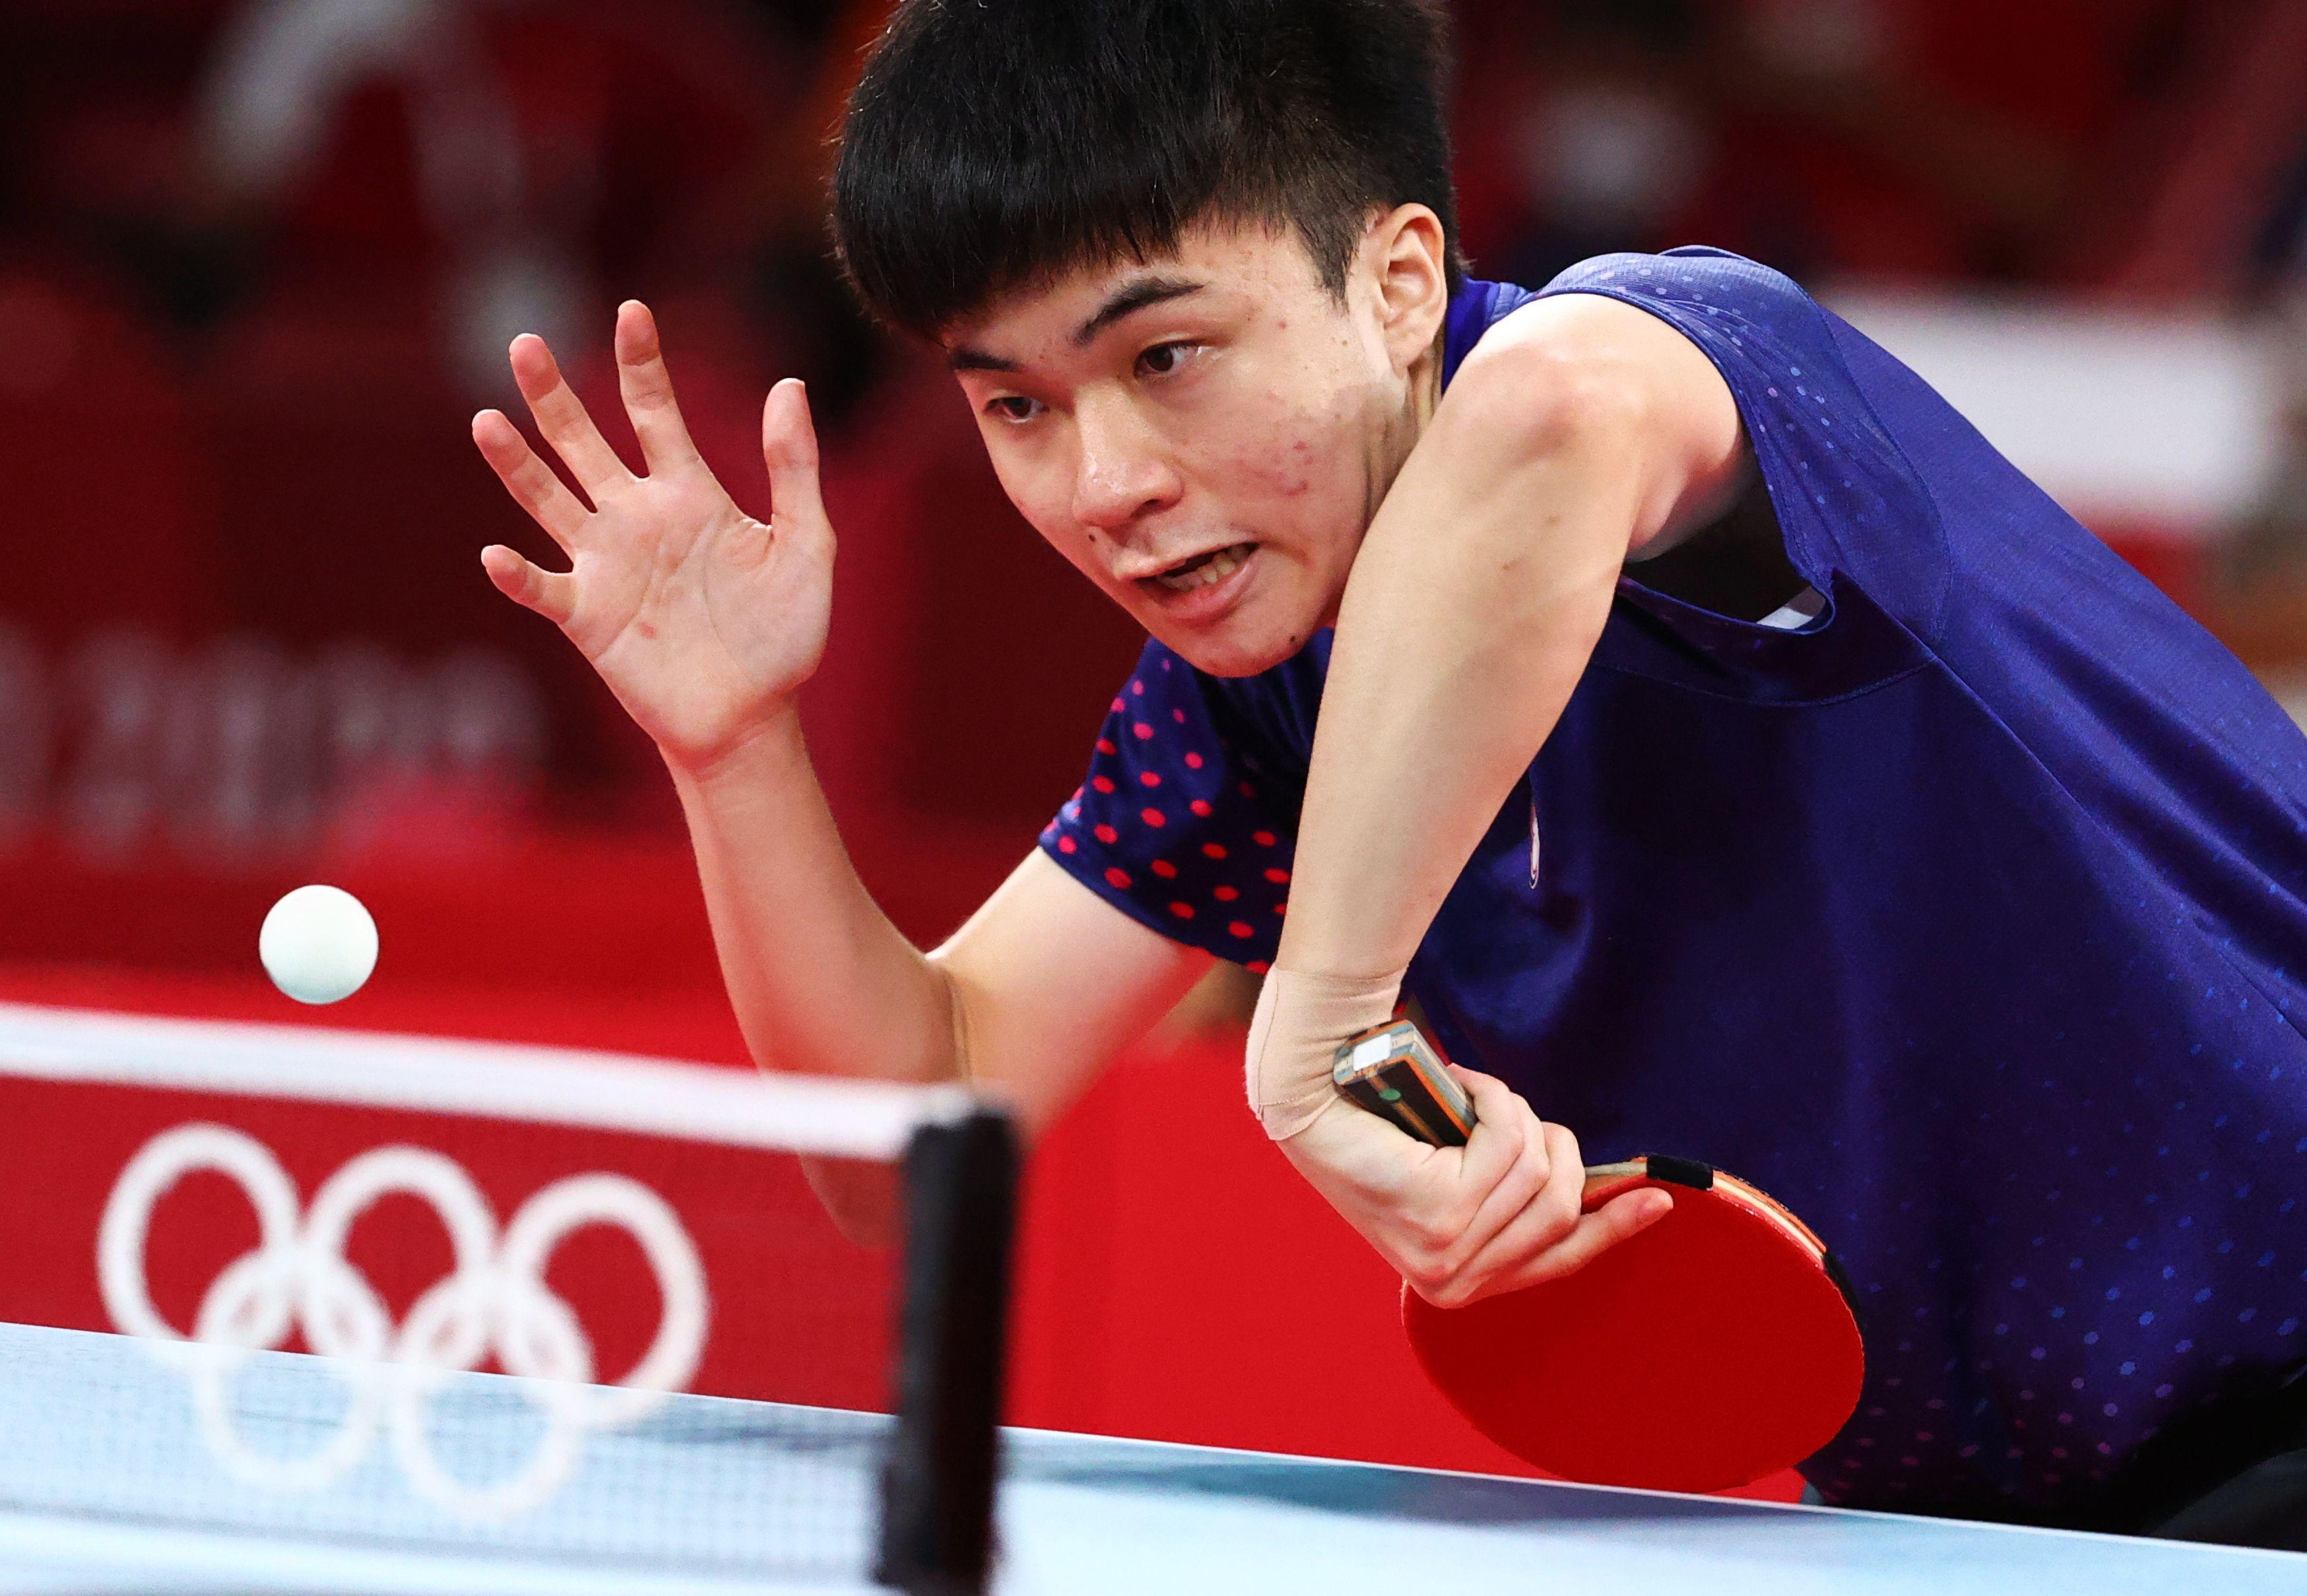 東京奧運,運動,職場,楊勇緯,林昀儒,小林同學,莊智淵,上班族,職涯